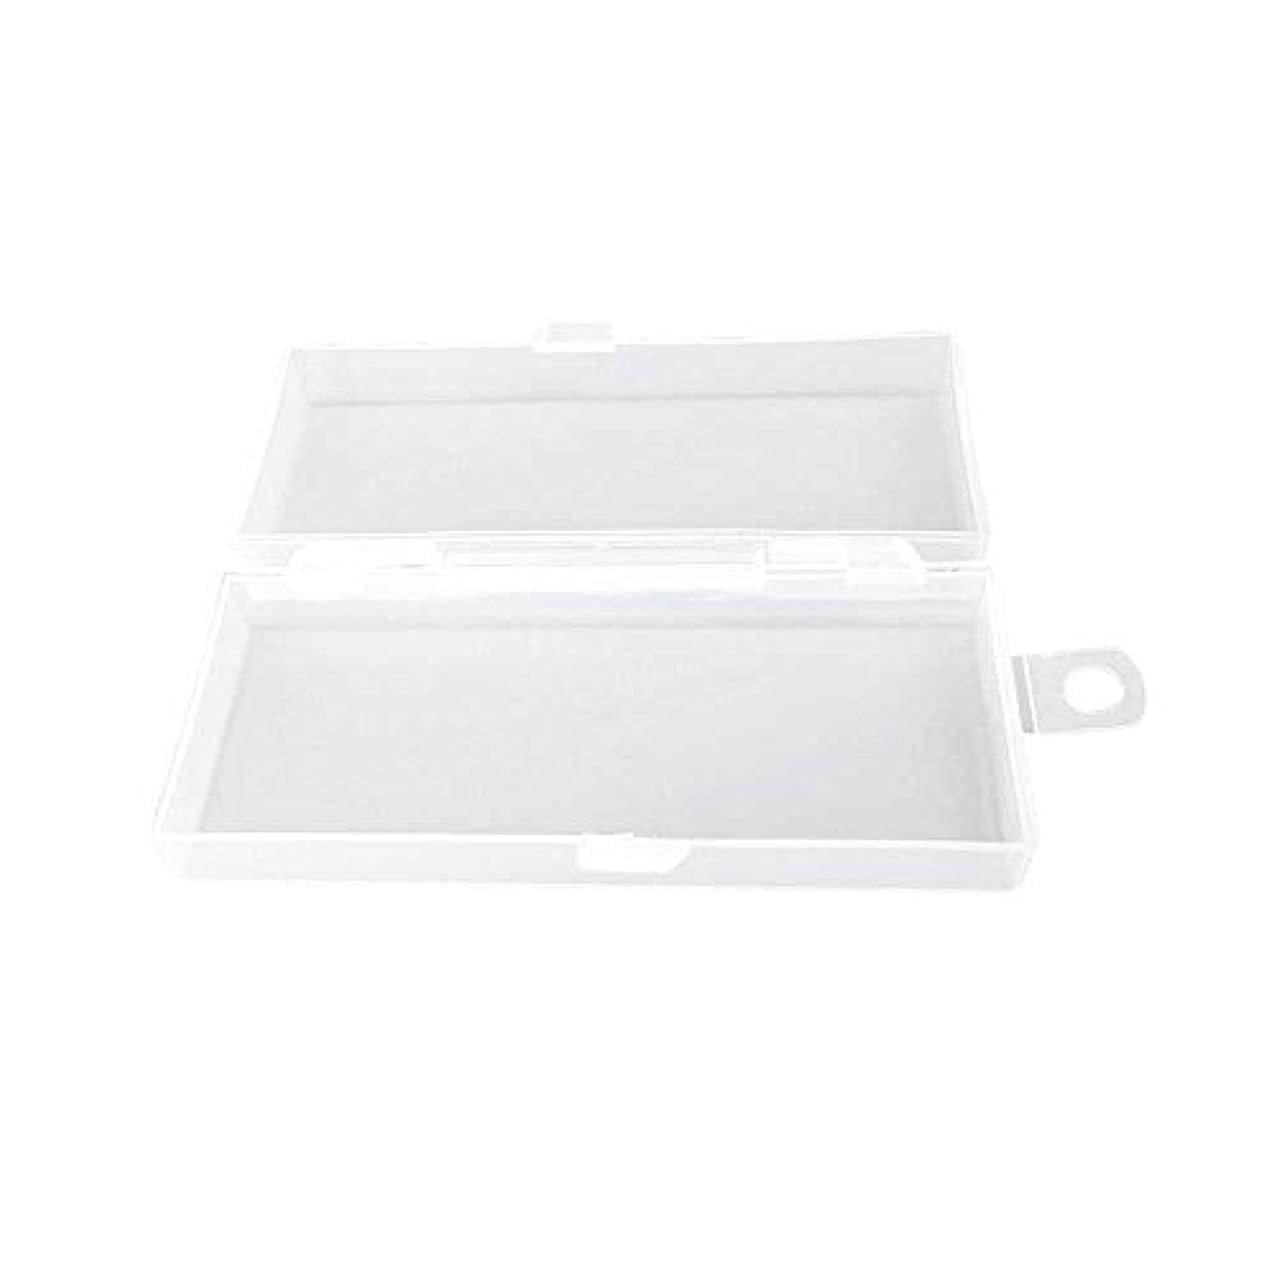 理論的ミルク説得クリアビーズパーツタックルボックス033釣りルアージュエリーネイルアートSmall表示プラスチック透明ケースストレージオーガナイザーコンテナ